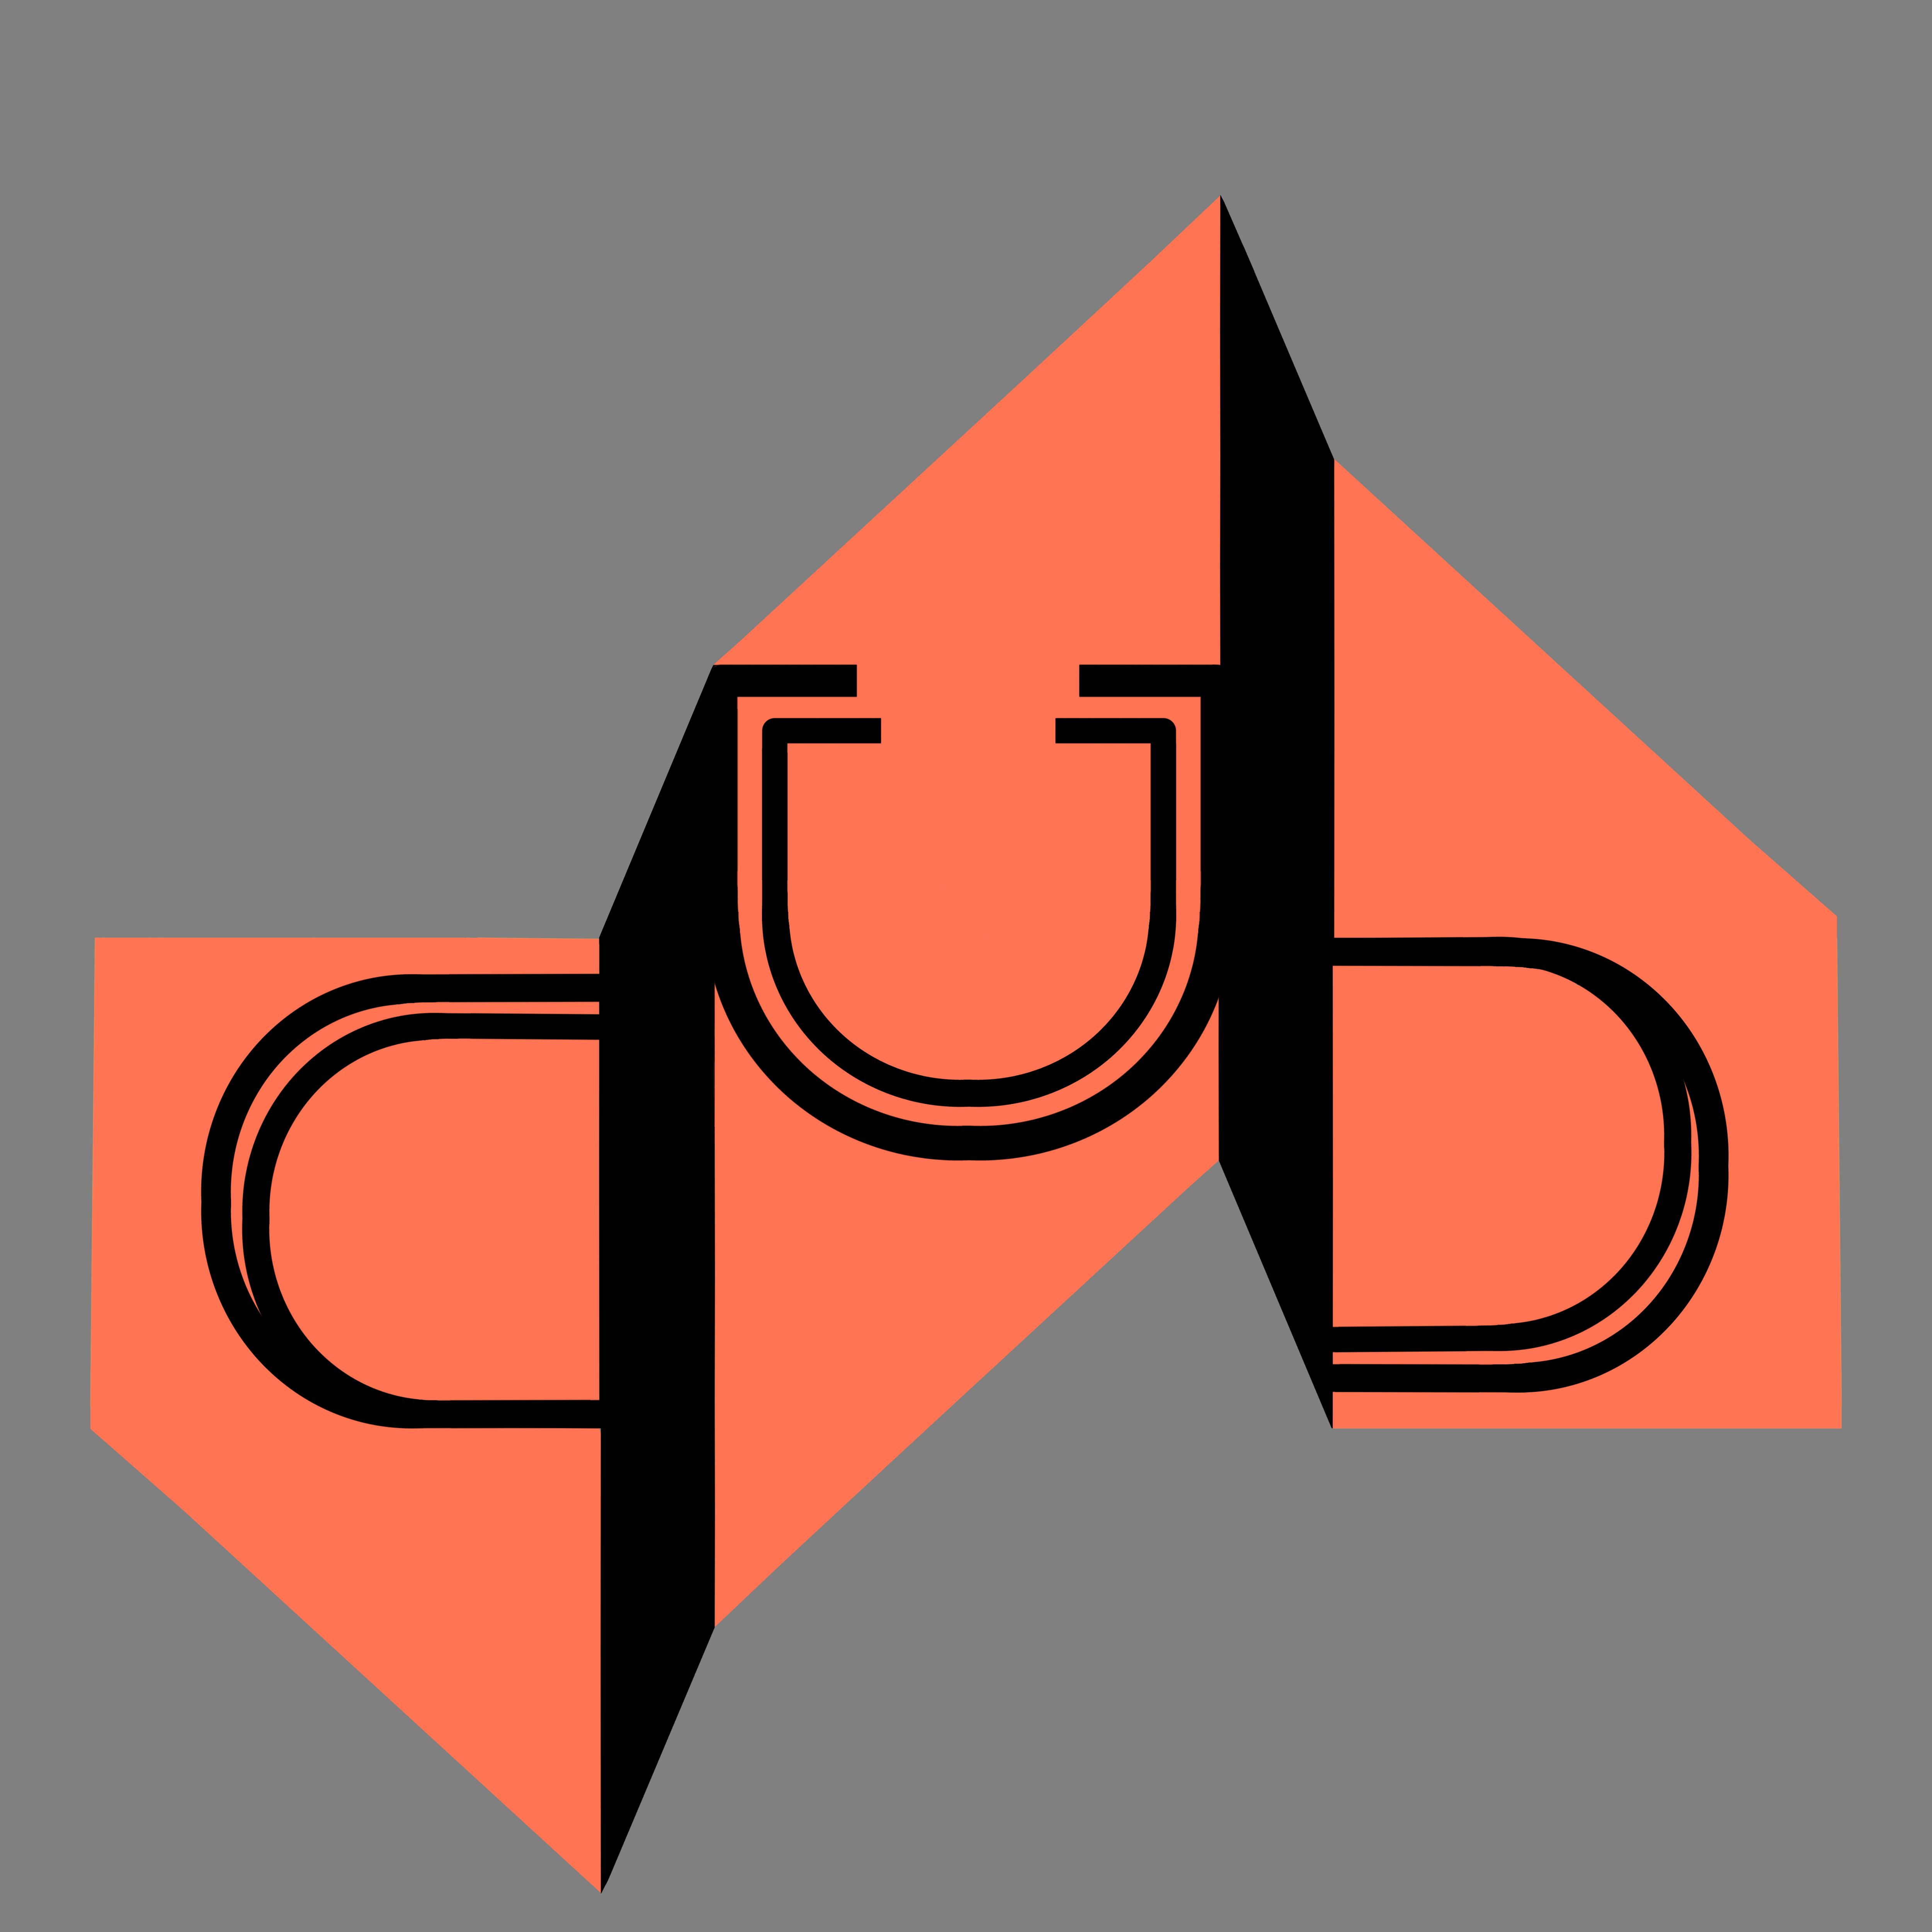 Разработка логотипа и фирменного стиля для ТМ фото f_3985f2129f524643.png